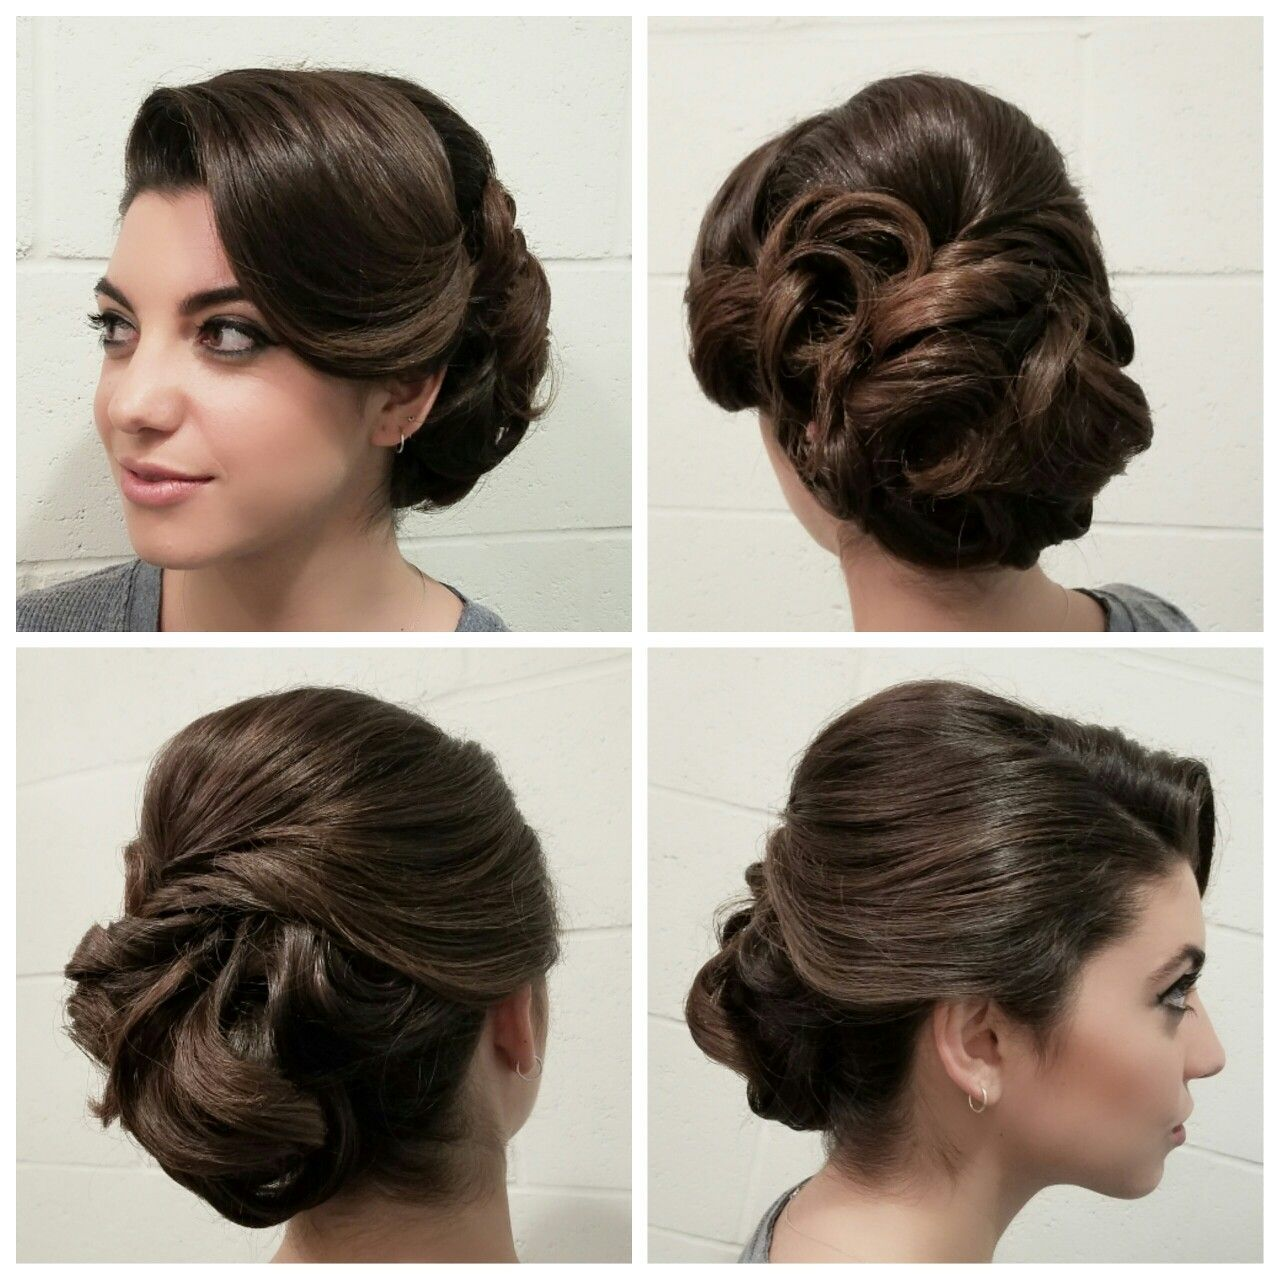 Vintage hair @elga_hairstudio | Vintage hair updo, Vintage ...